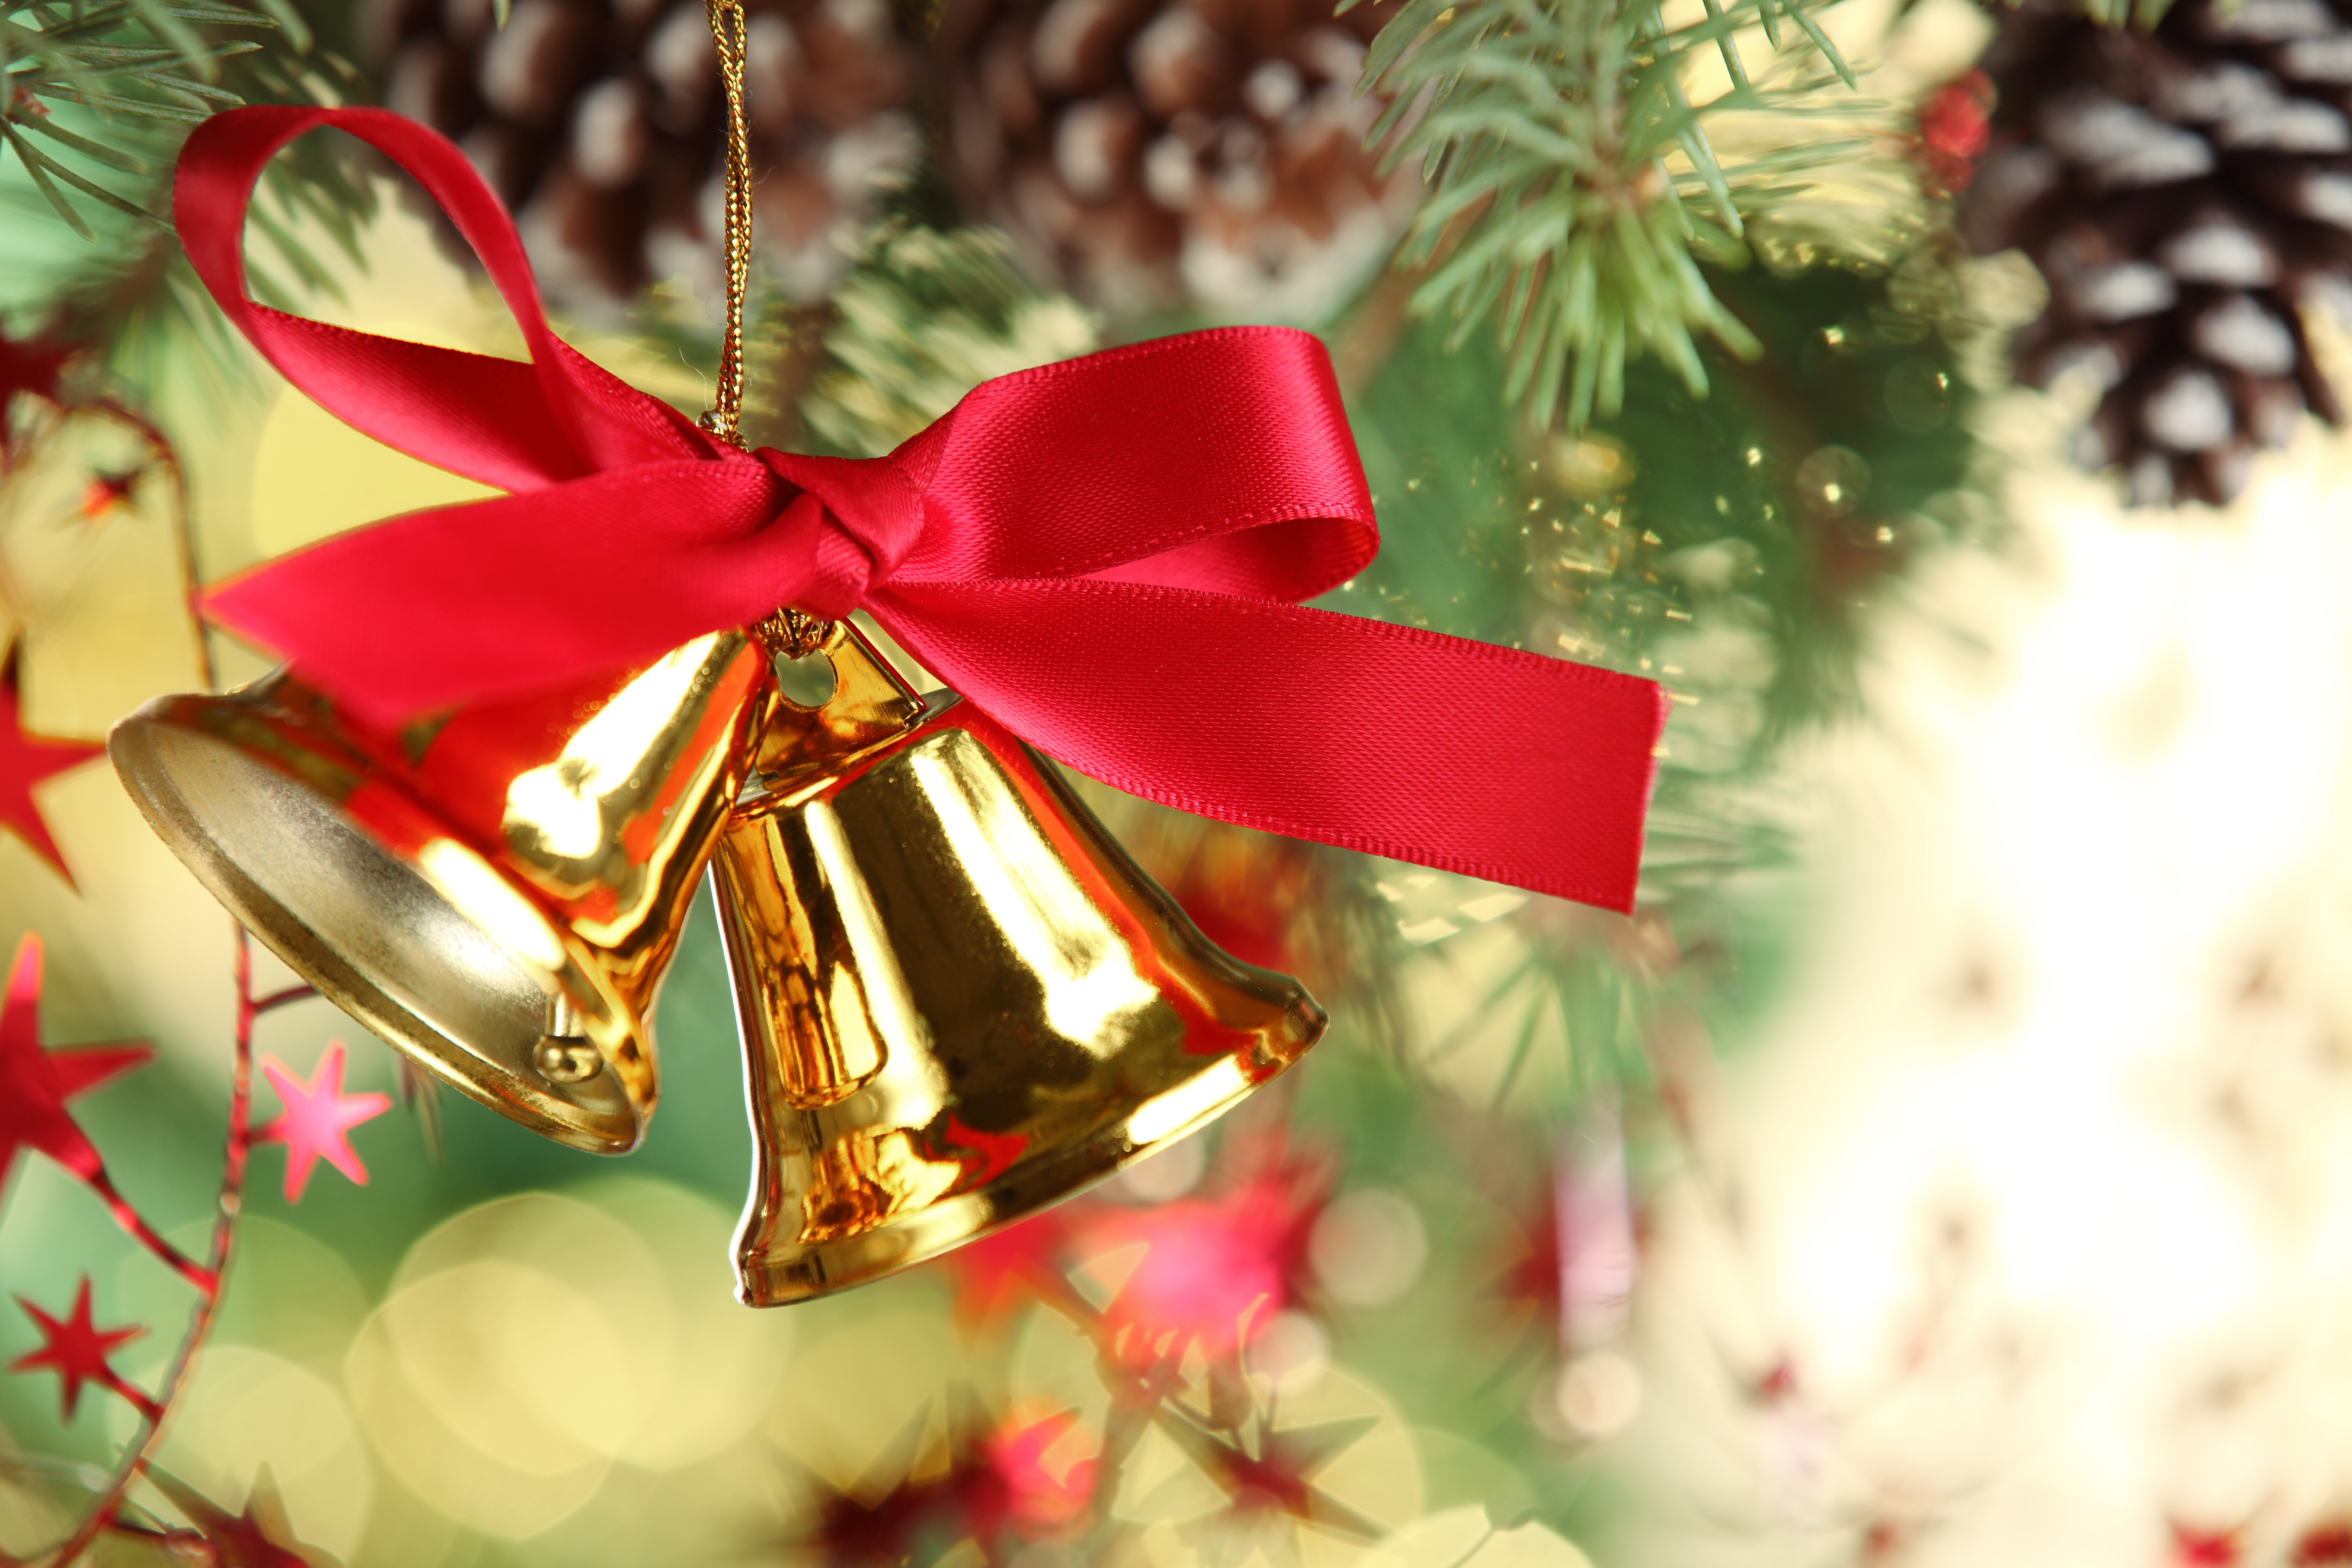 328583 Jõulunoortekas 17. detsembril kell 16.00